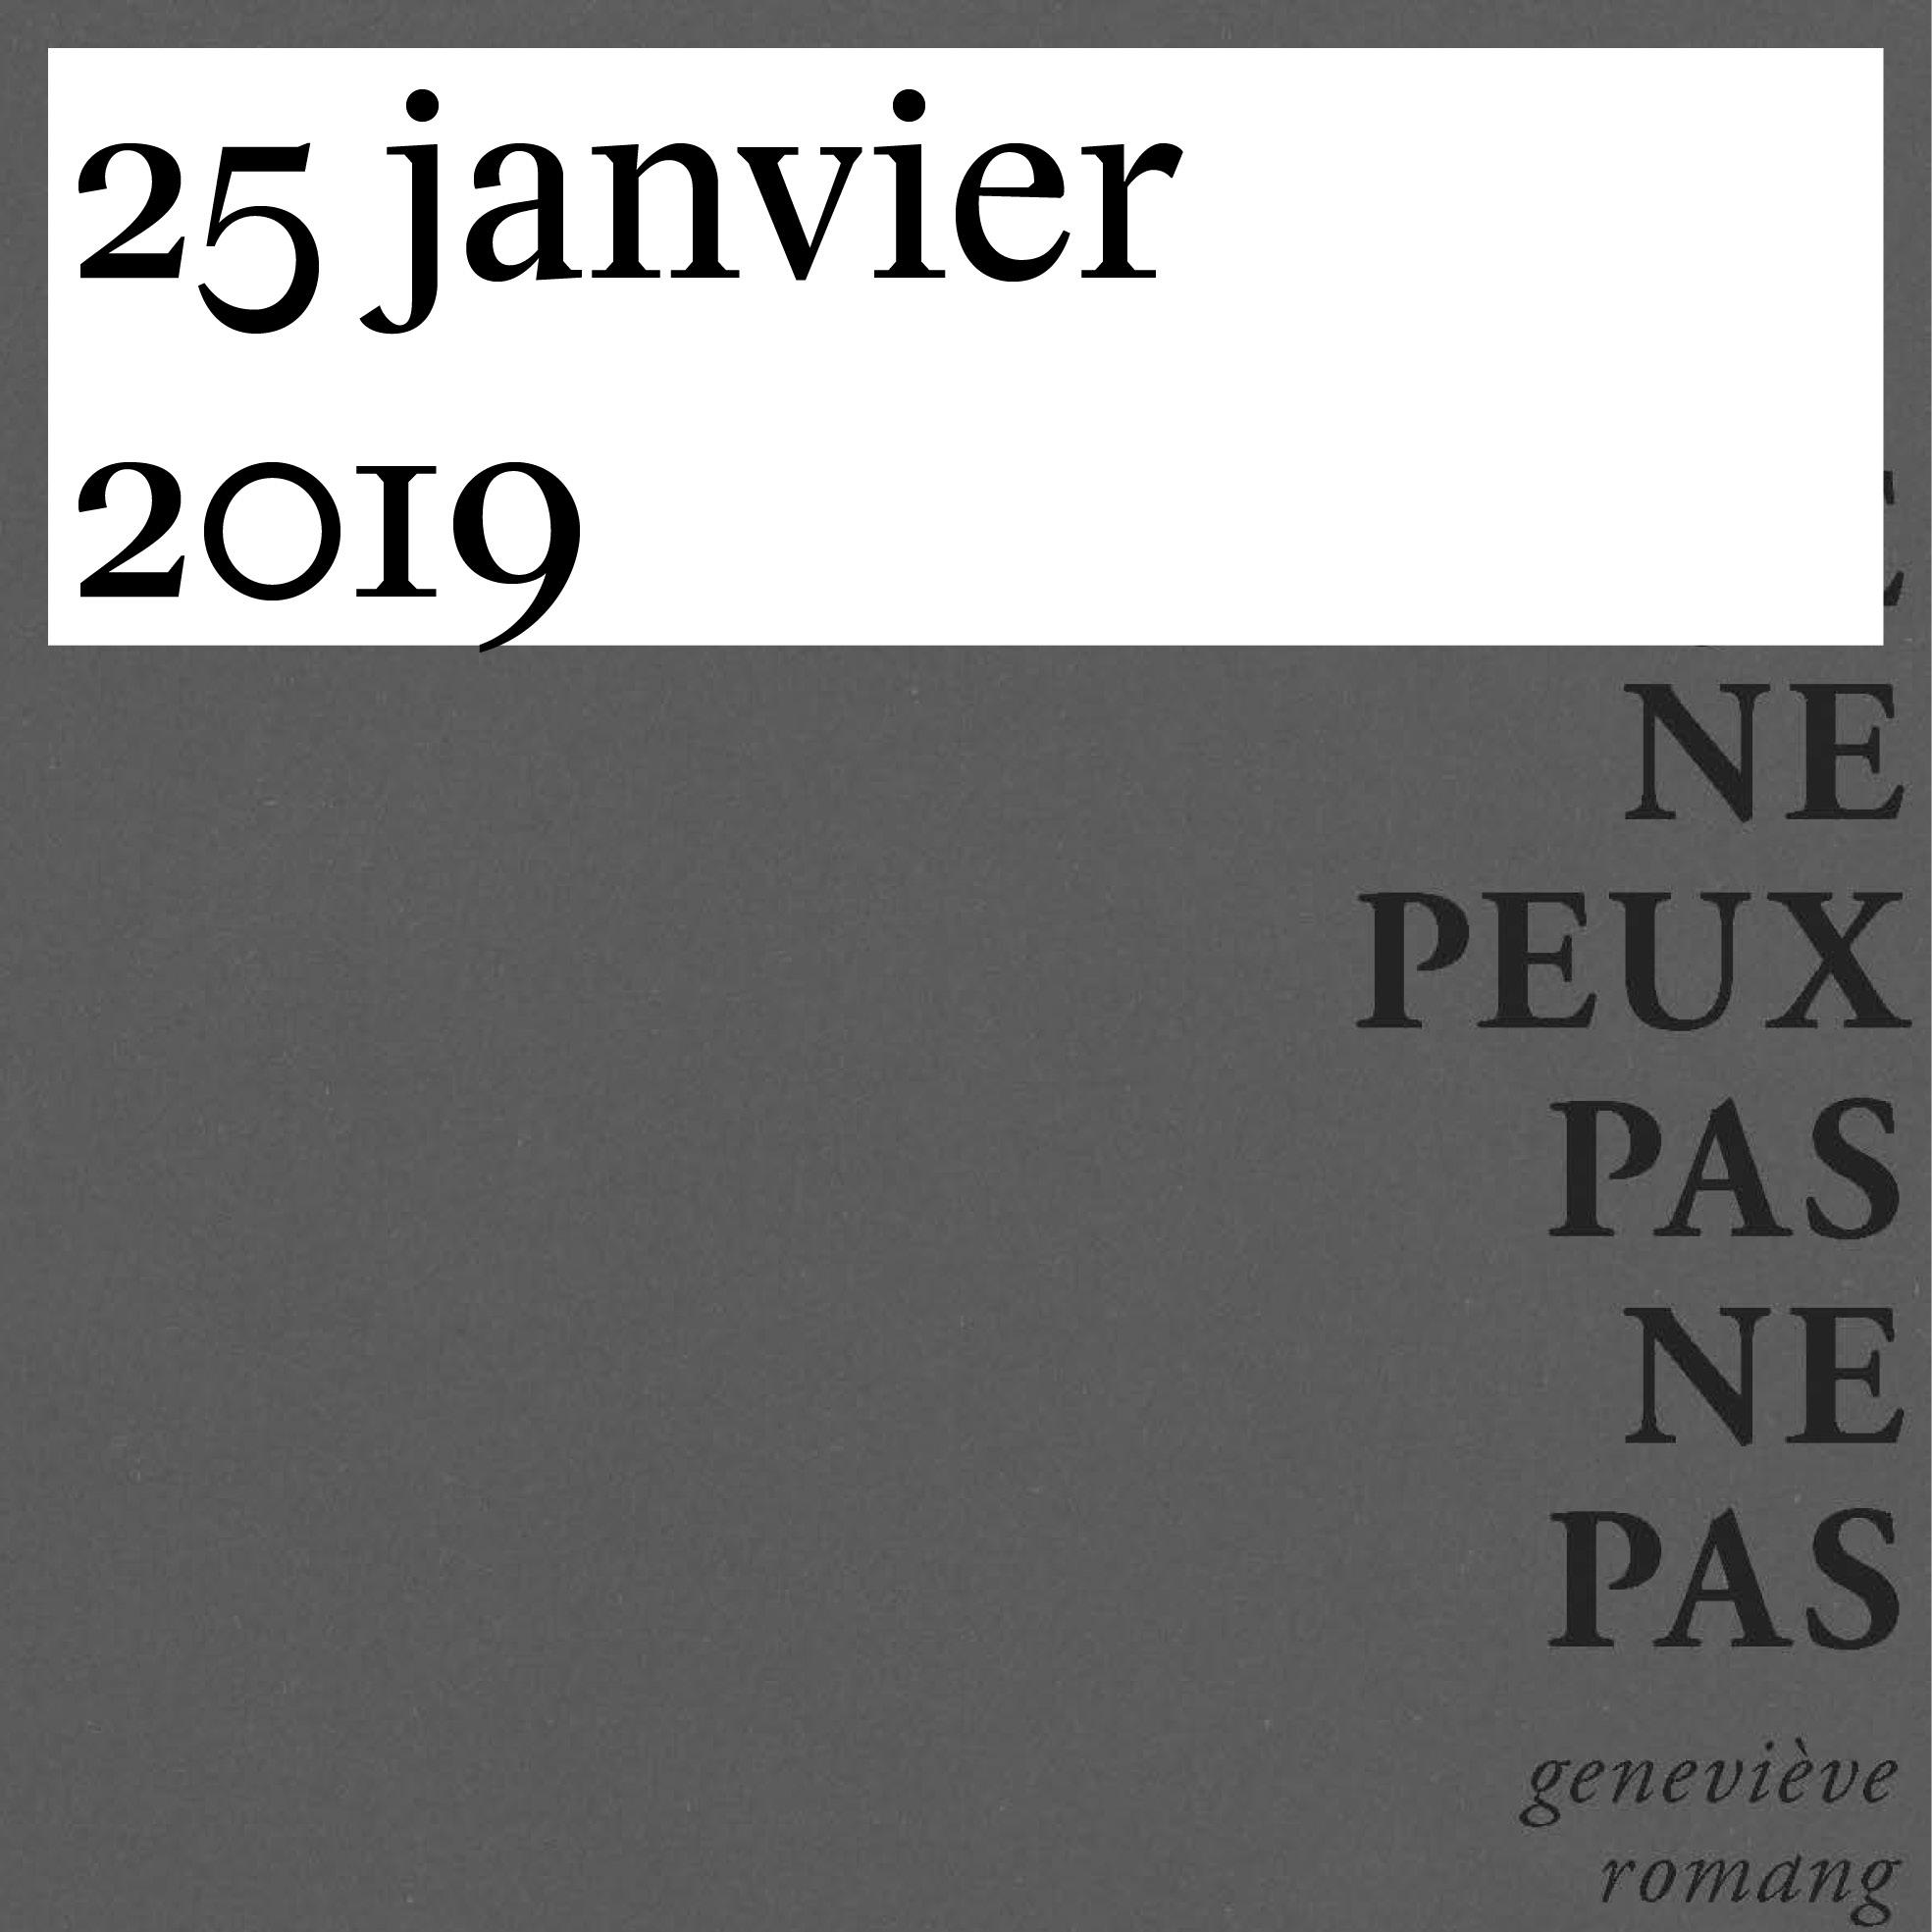 Vernissage de «Je ne peux pas ne pas» de Geneviève Romang